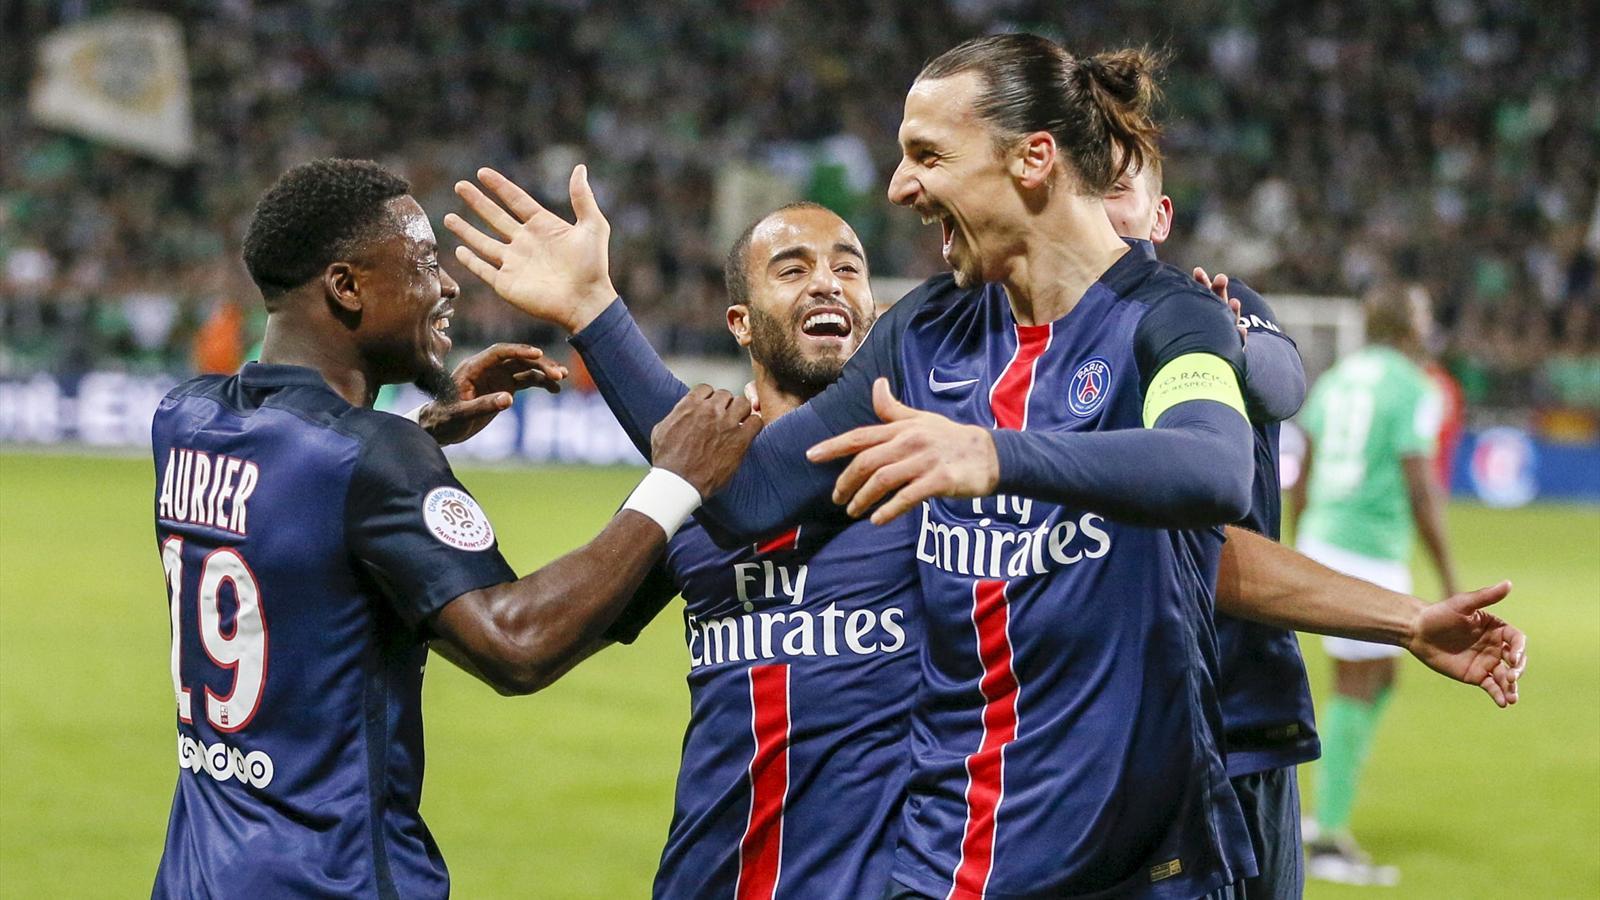 Zlatan Ibrahimovic (R) celebrates scoring for Paris St-Germain